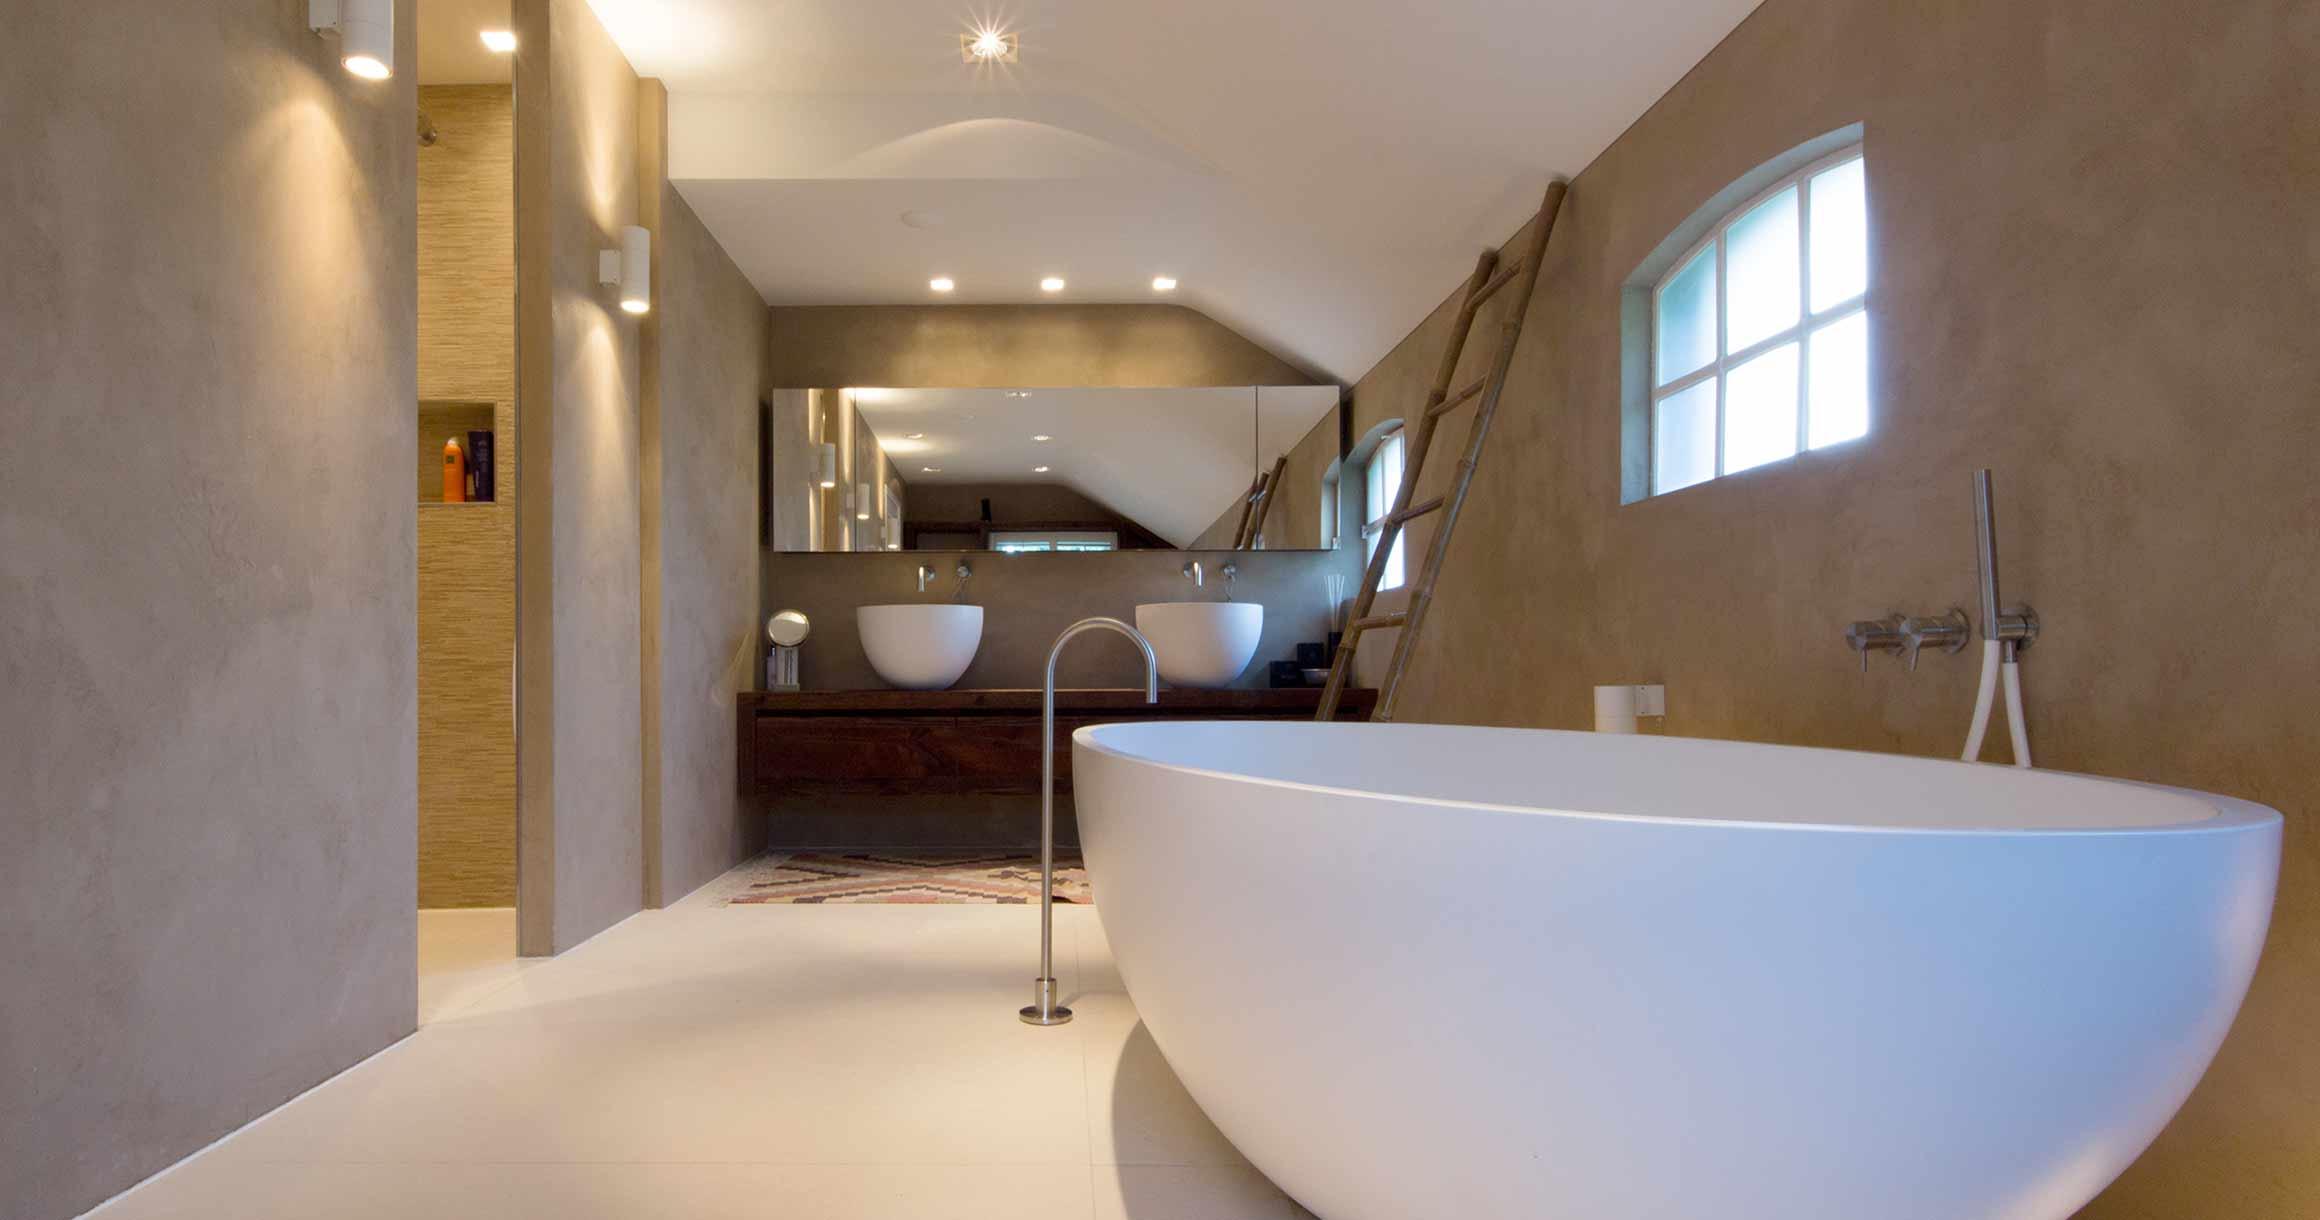 De Reus Sanitair | Voor de complete installatie van uw sanitair